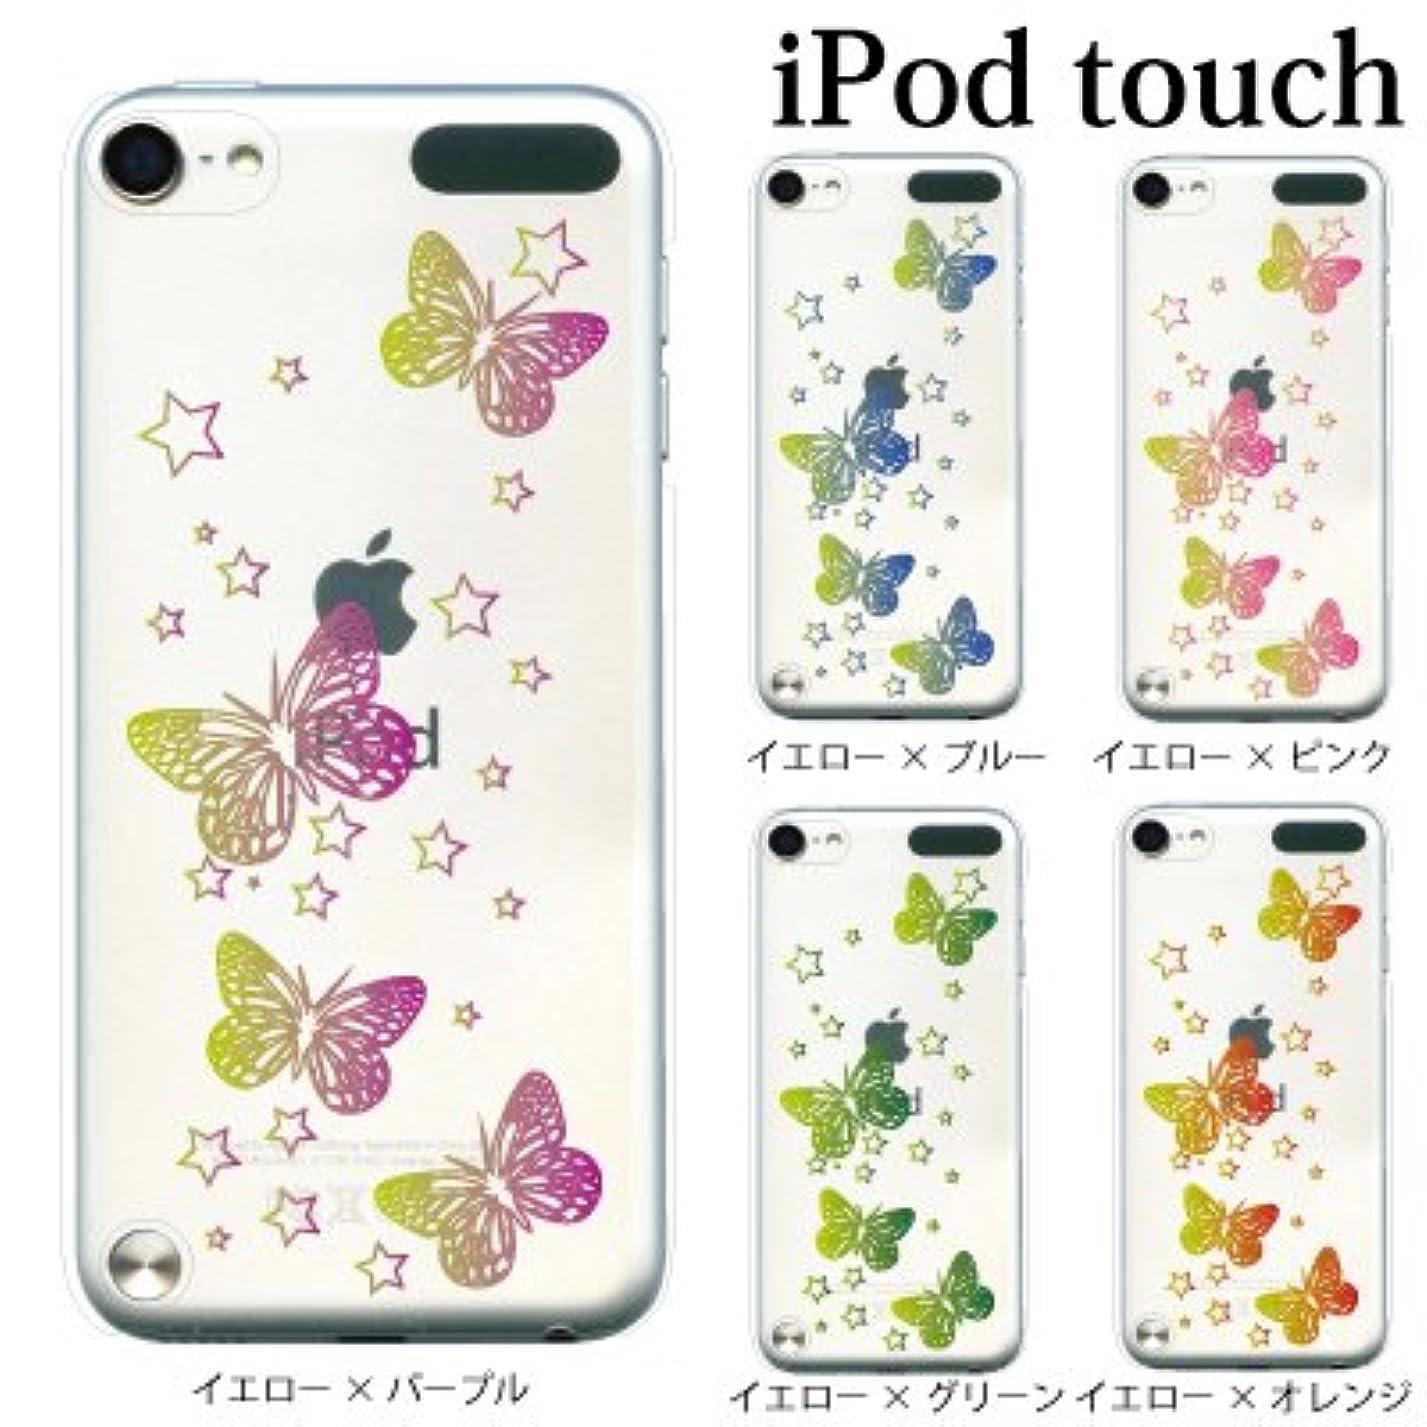 カップサイクルリンケージPlus-S iPod touch 第6?第7世代 ケース グラデーションバタフライ(クリア) 【イエロー×オレンジ】 ハードケース クリア 0033-YO